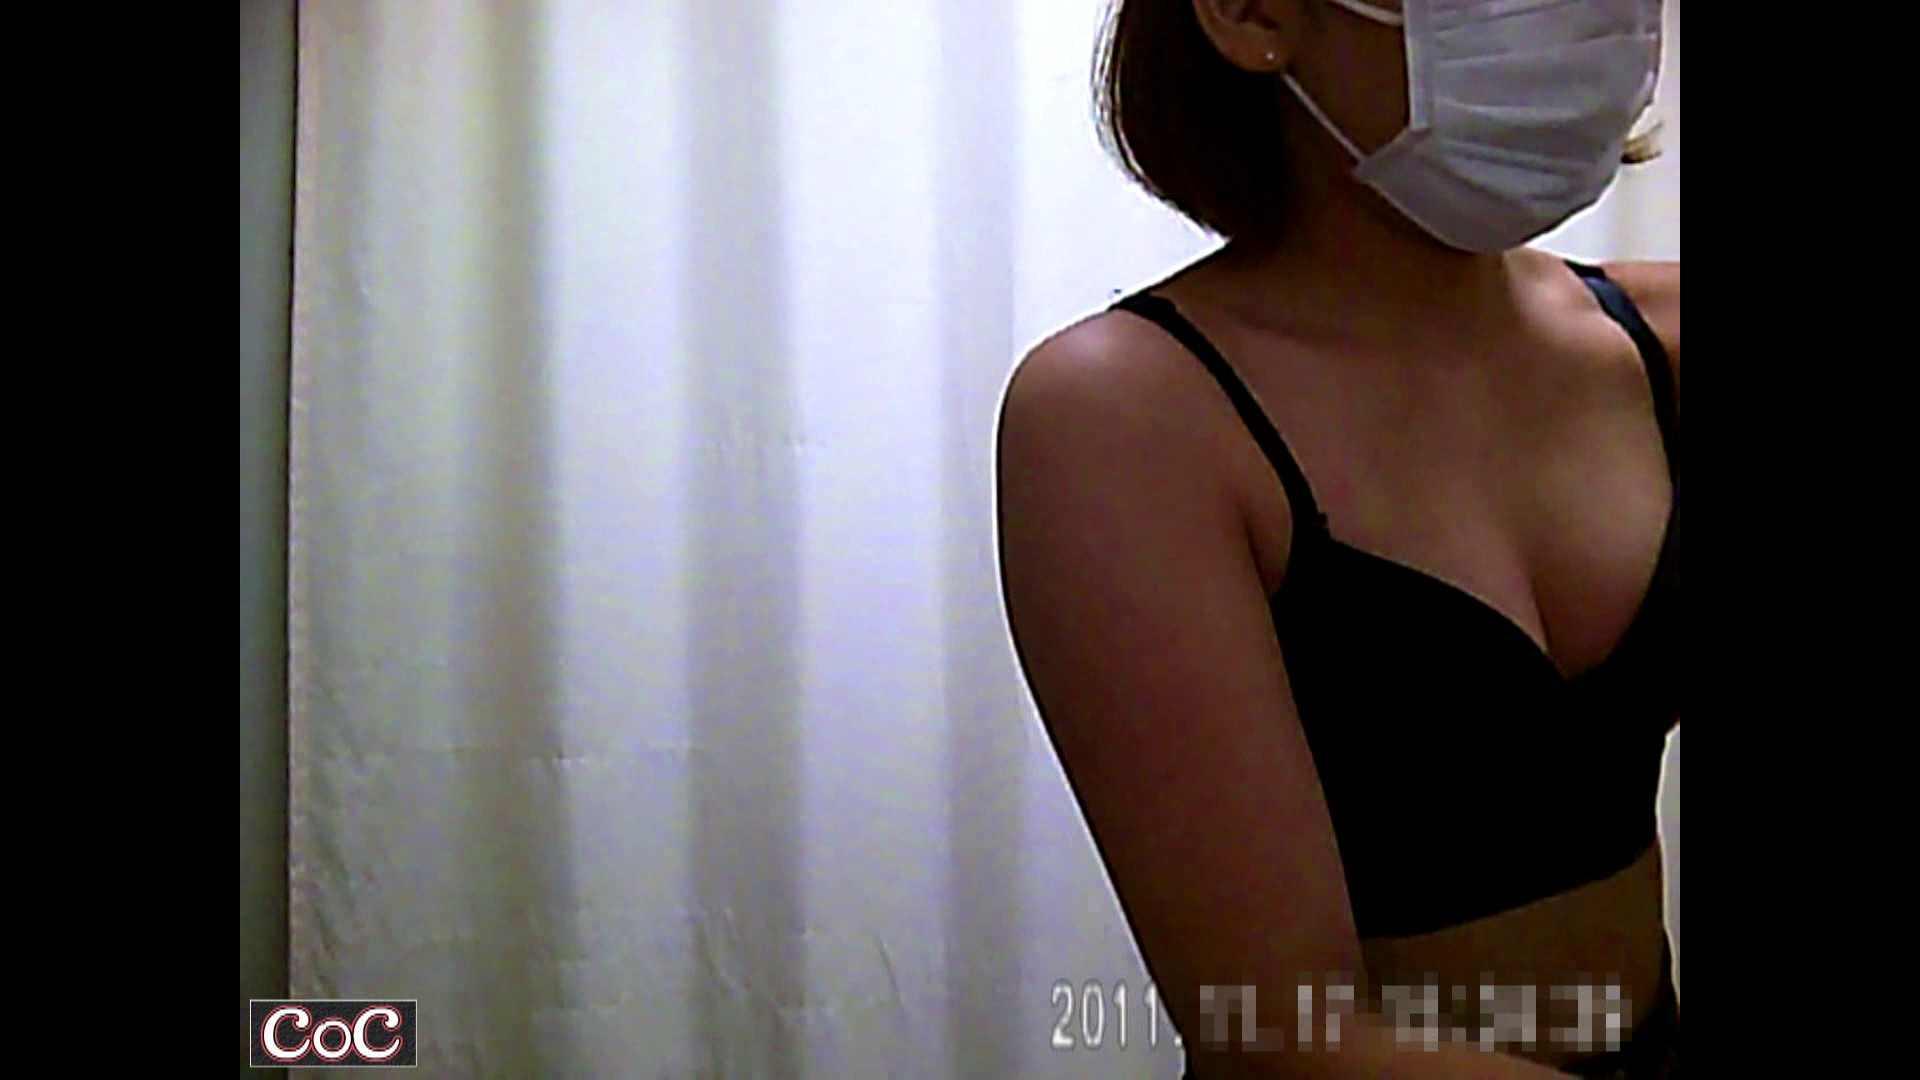 病院おもいっきり着替え! vol.96 OLセックス 盗撮オマンコ無修正動画無料 58画像 51